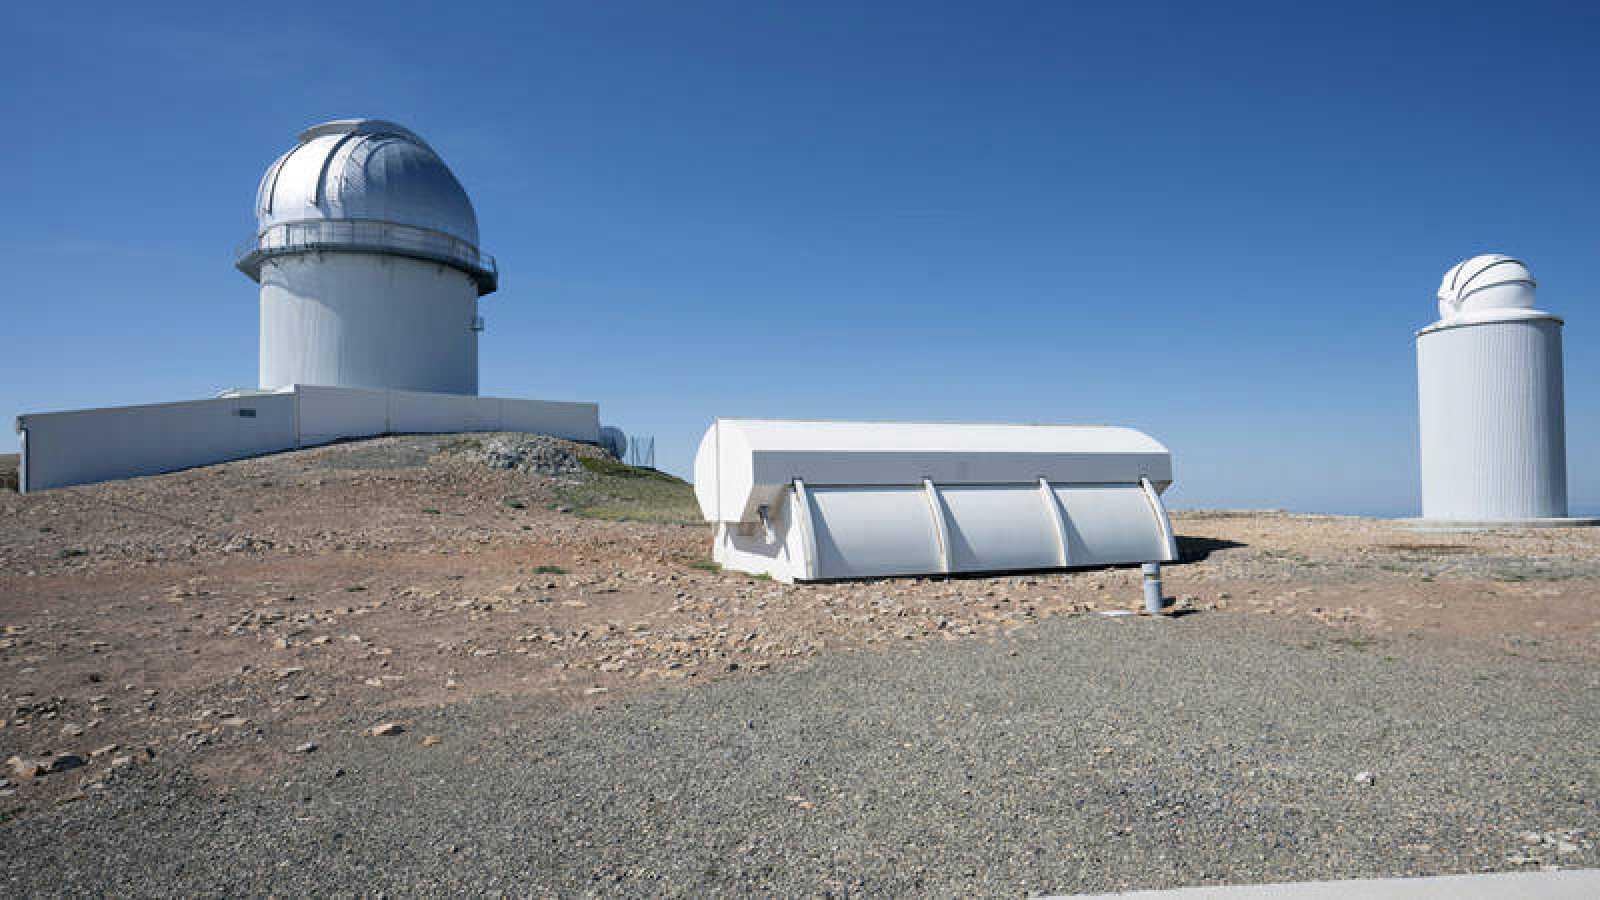 Imagen del Observatorio Astrofísico de Javalambre del Pico del Buitre (Teruel)